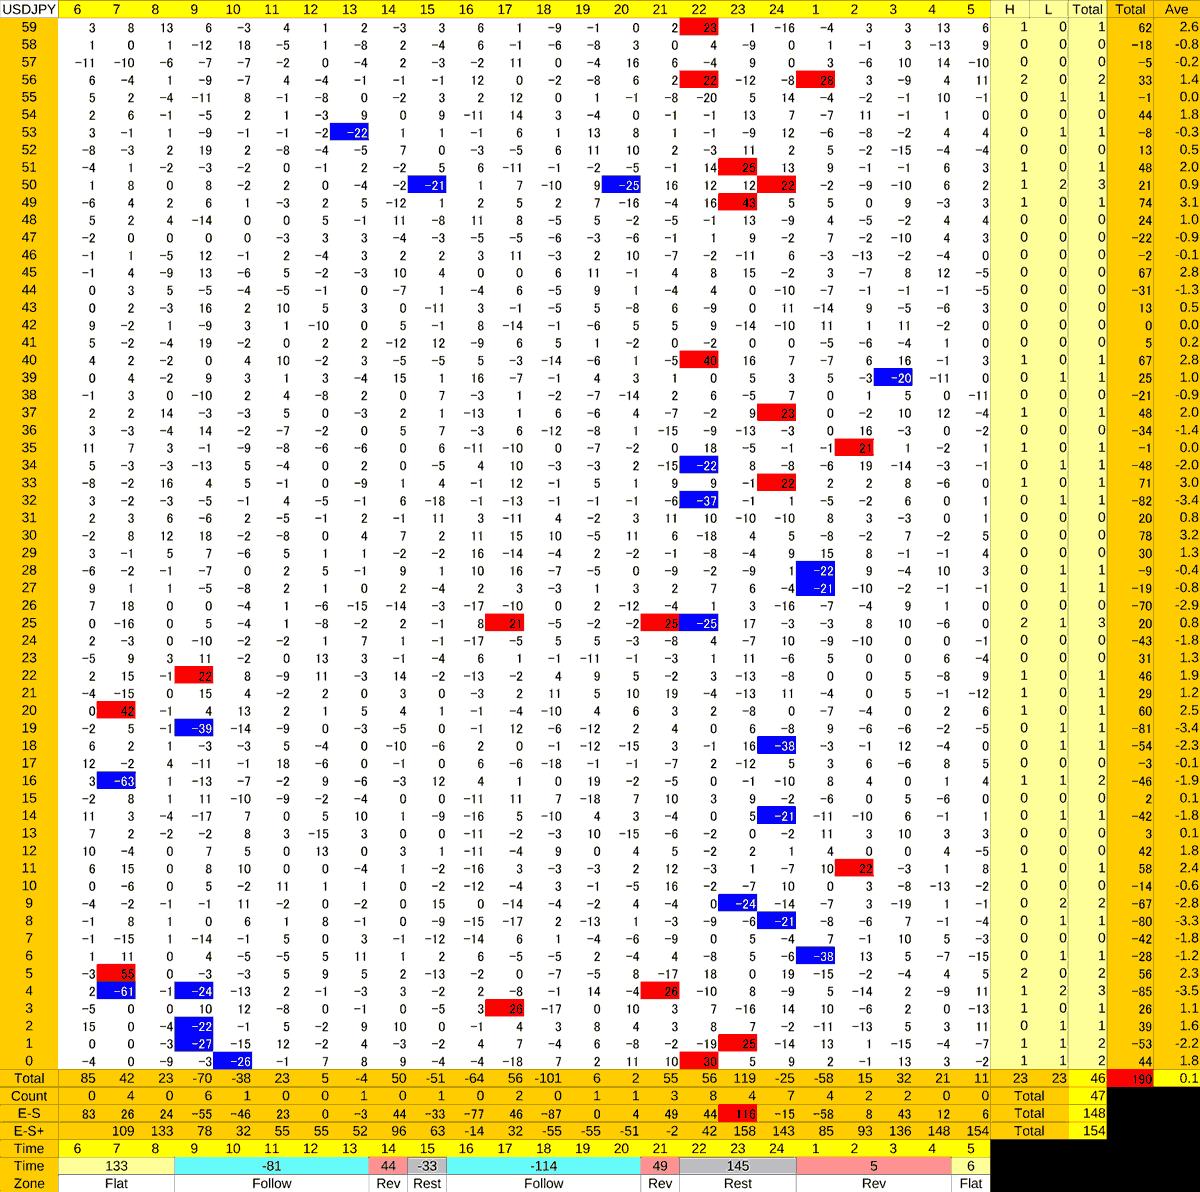 20210115_HS(1)USDJPY